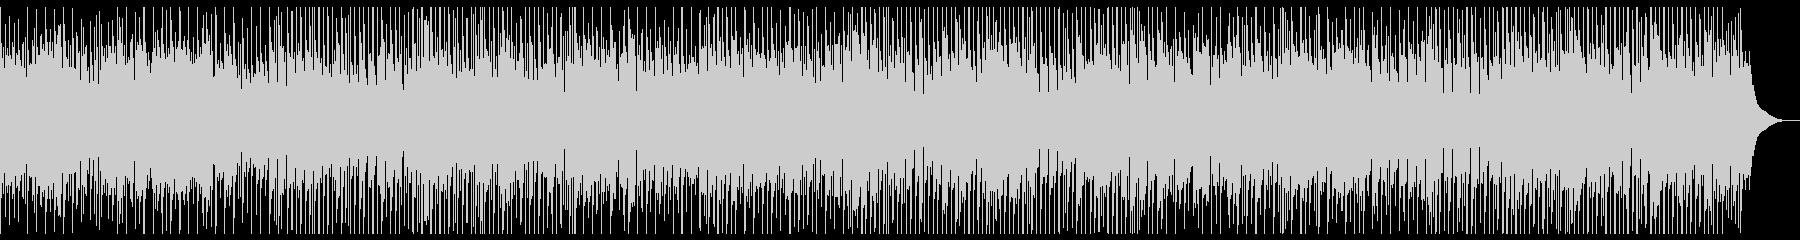 軽快なマンドリンフォークの未再生の波形